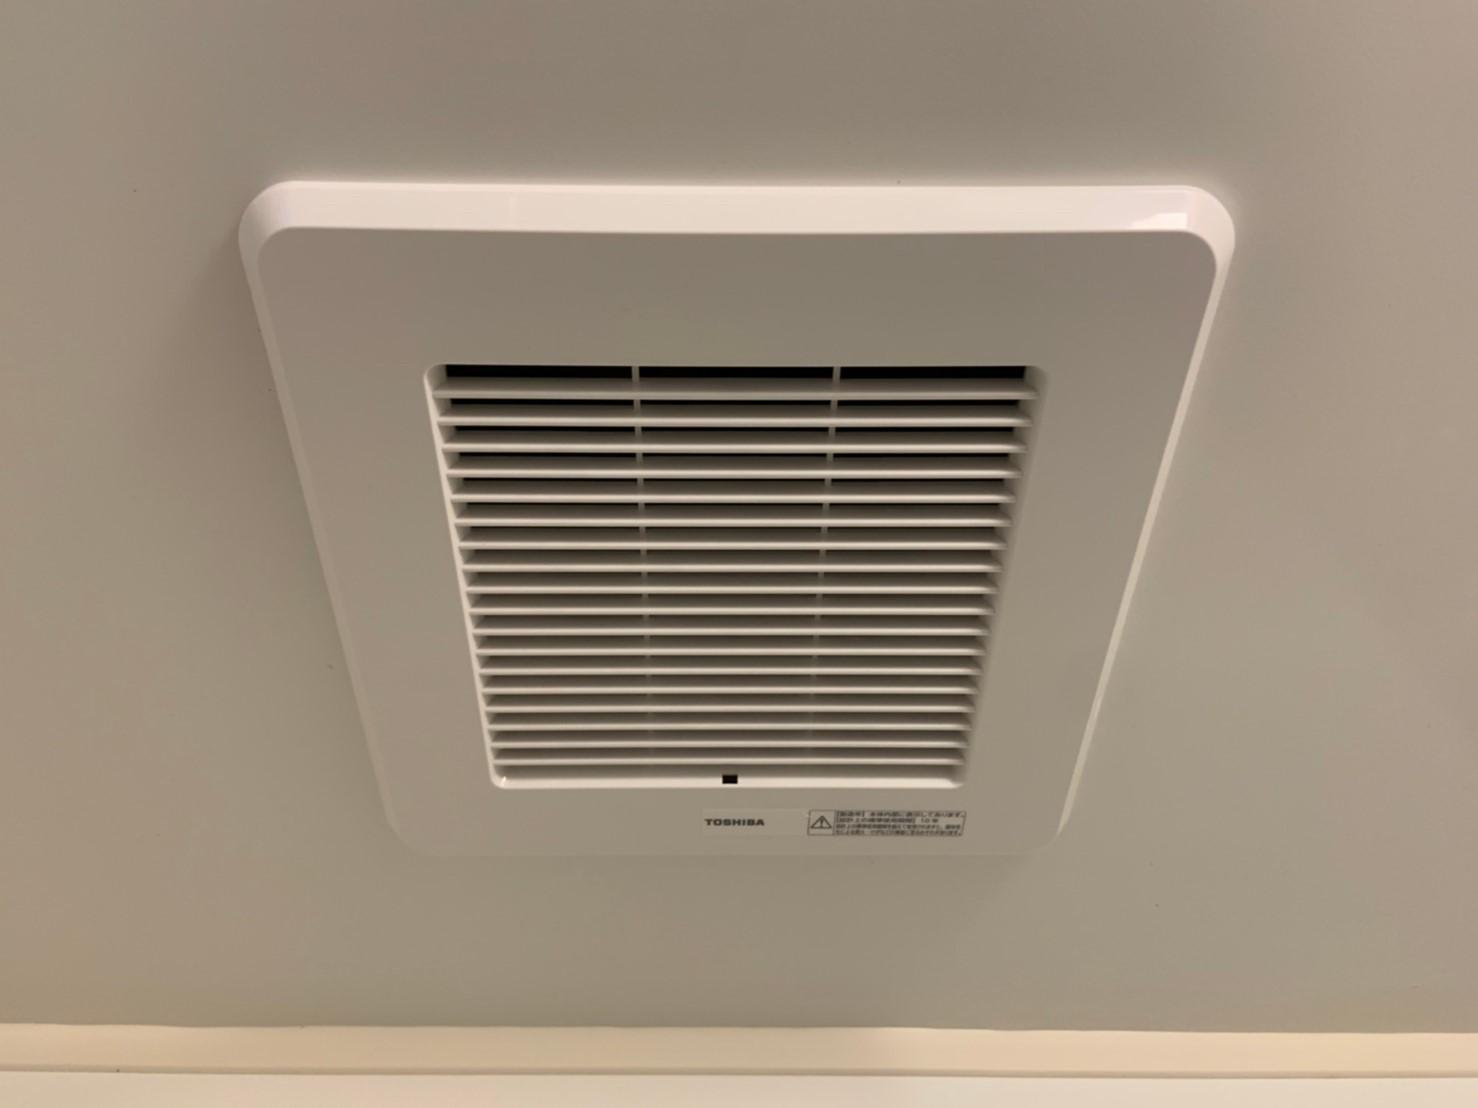 浴室2室用換気扇の交換(DVP-T14CLDK )【京都市中京区】